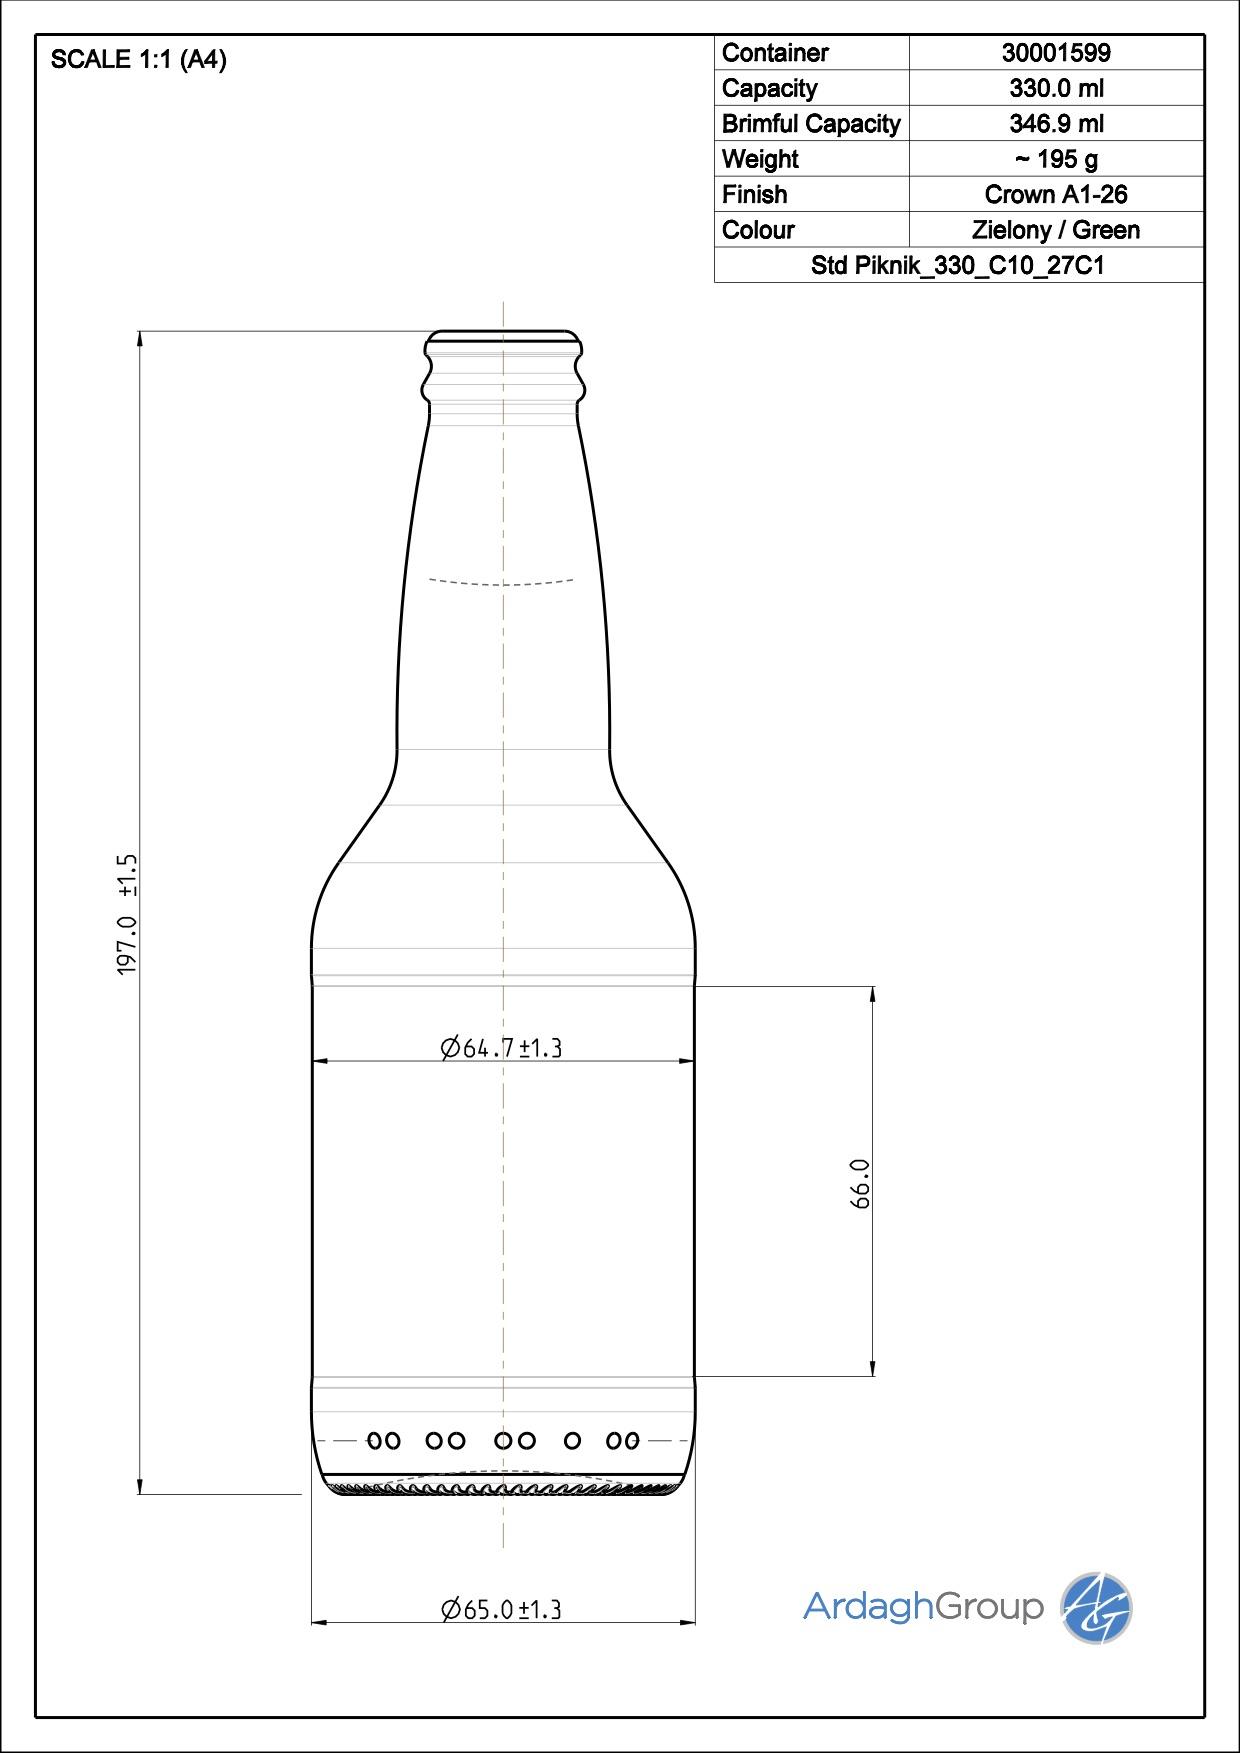 Std-Piknik 330 C10 27C1